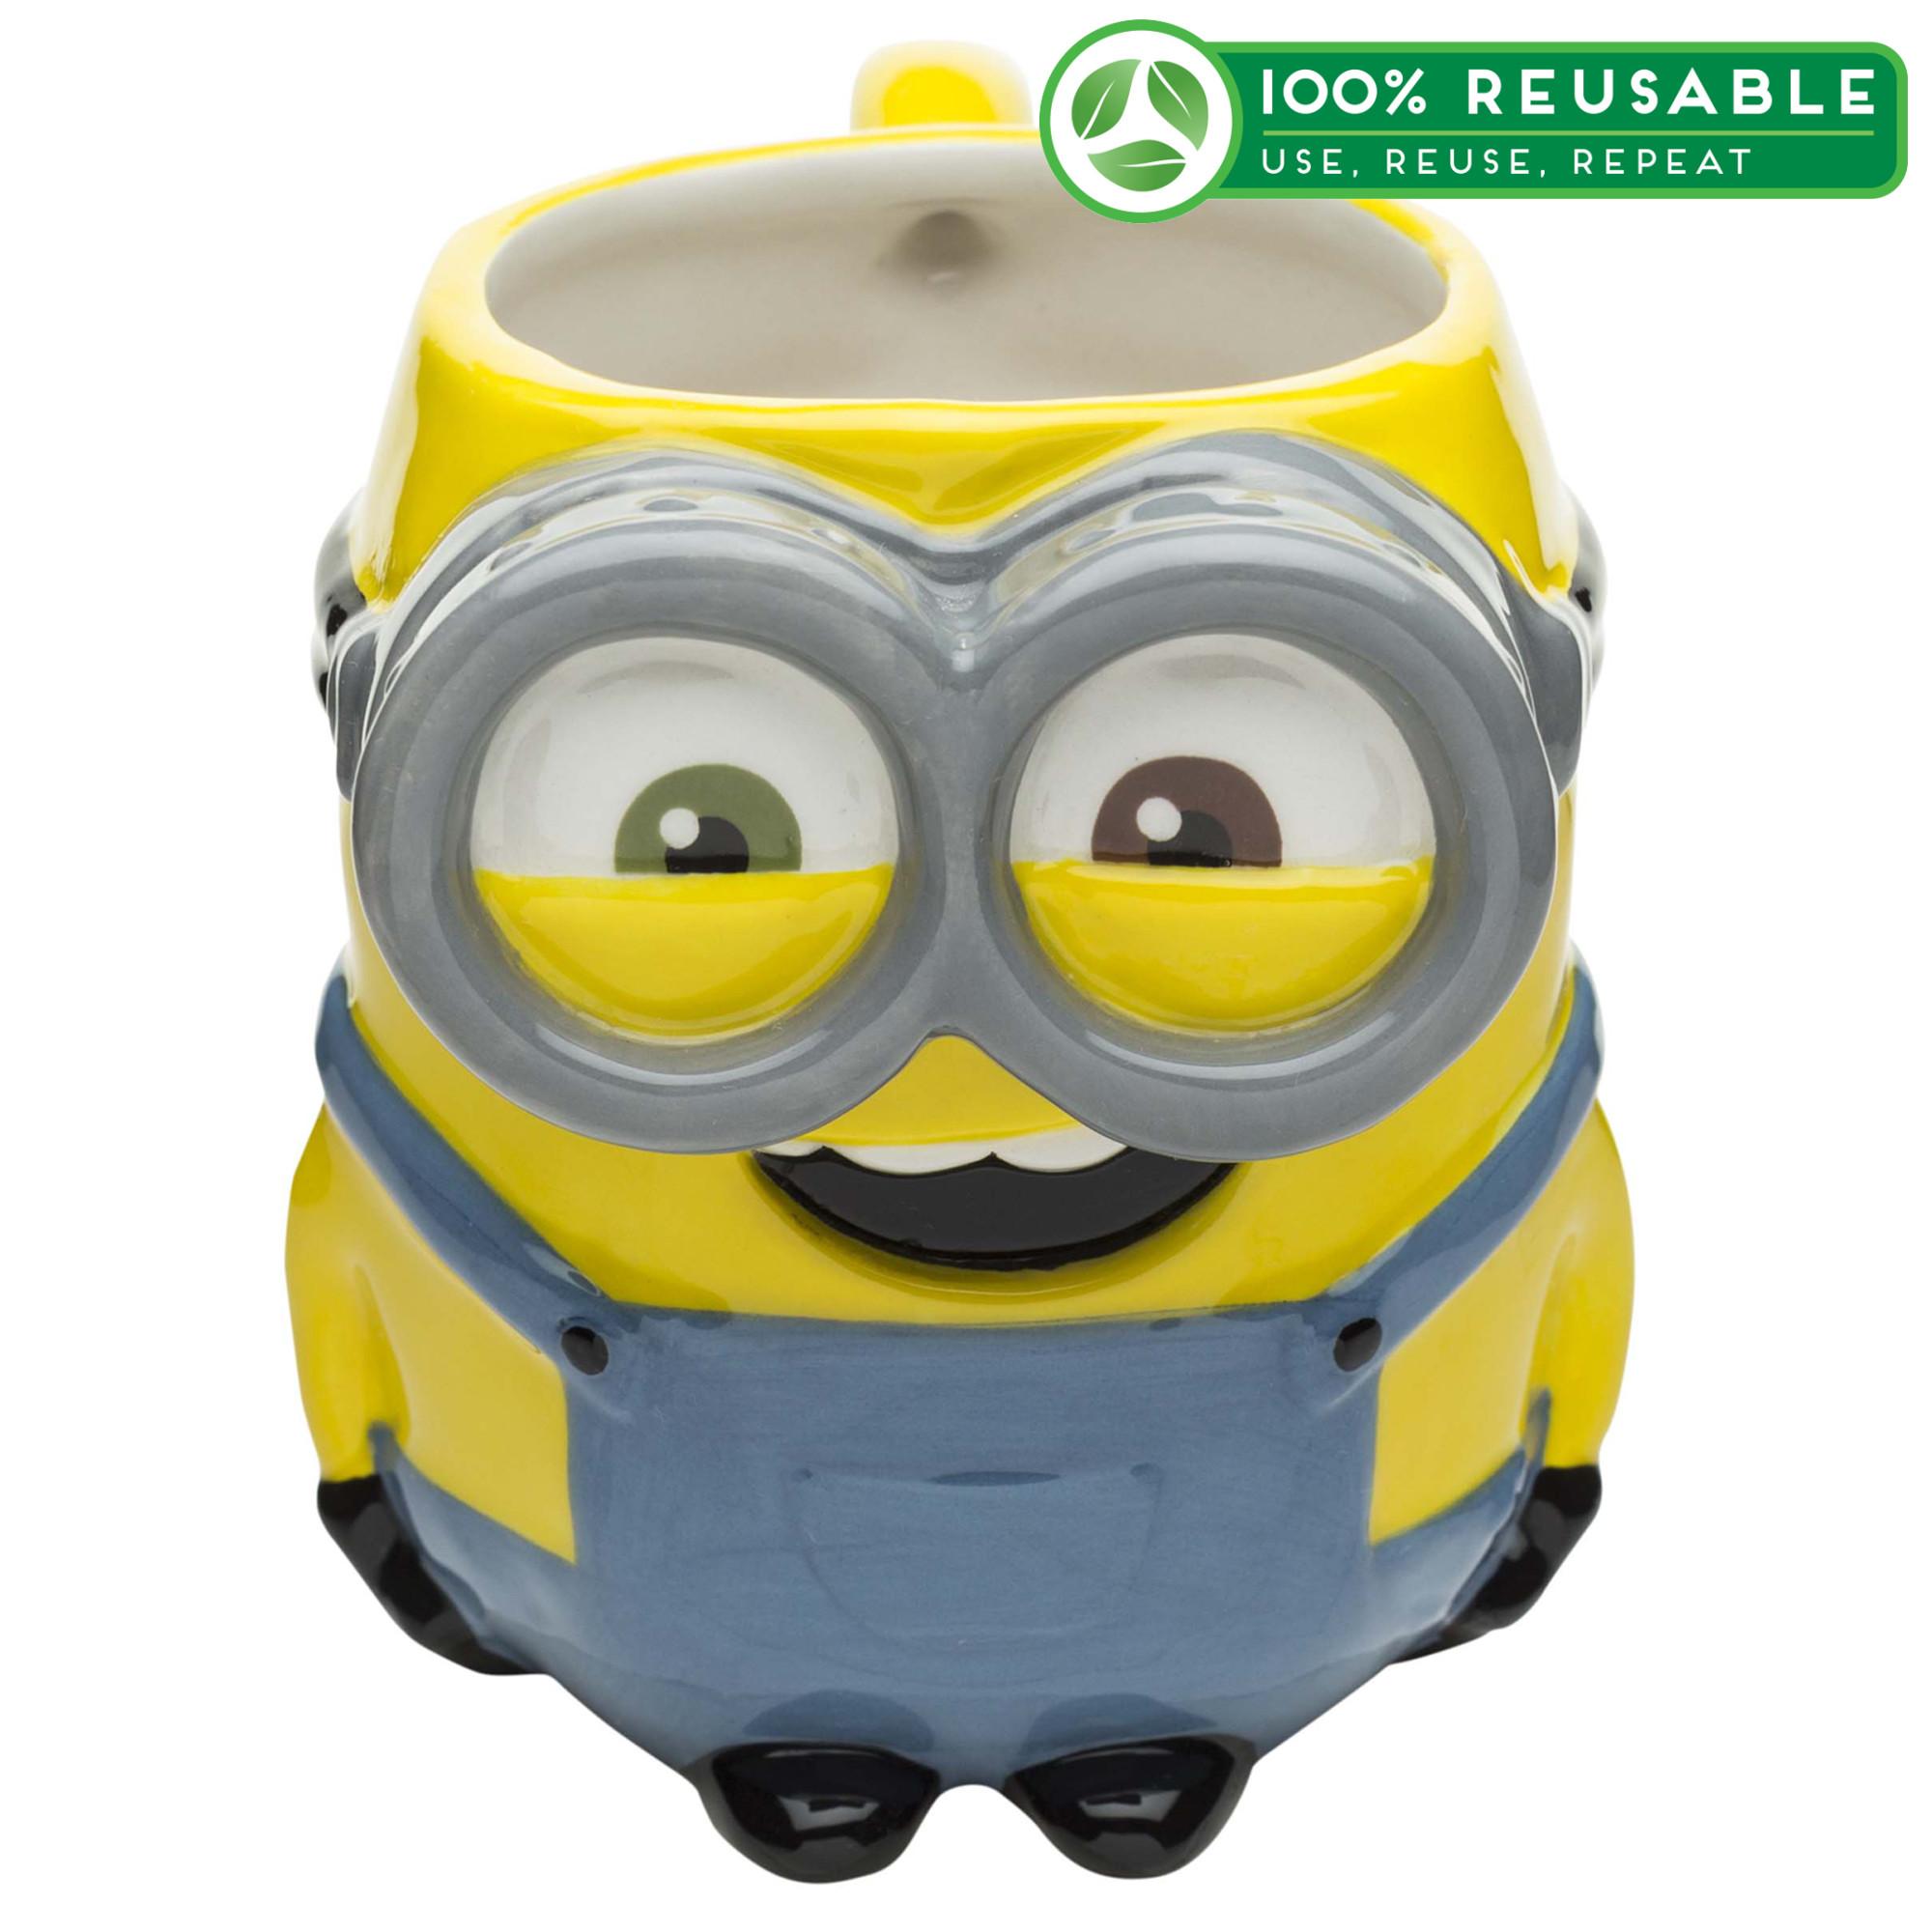 Despicable Me 3 Coffee Mug, Bob the Minion slideshow image 1